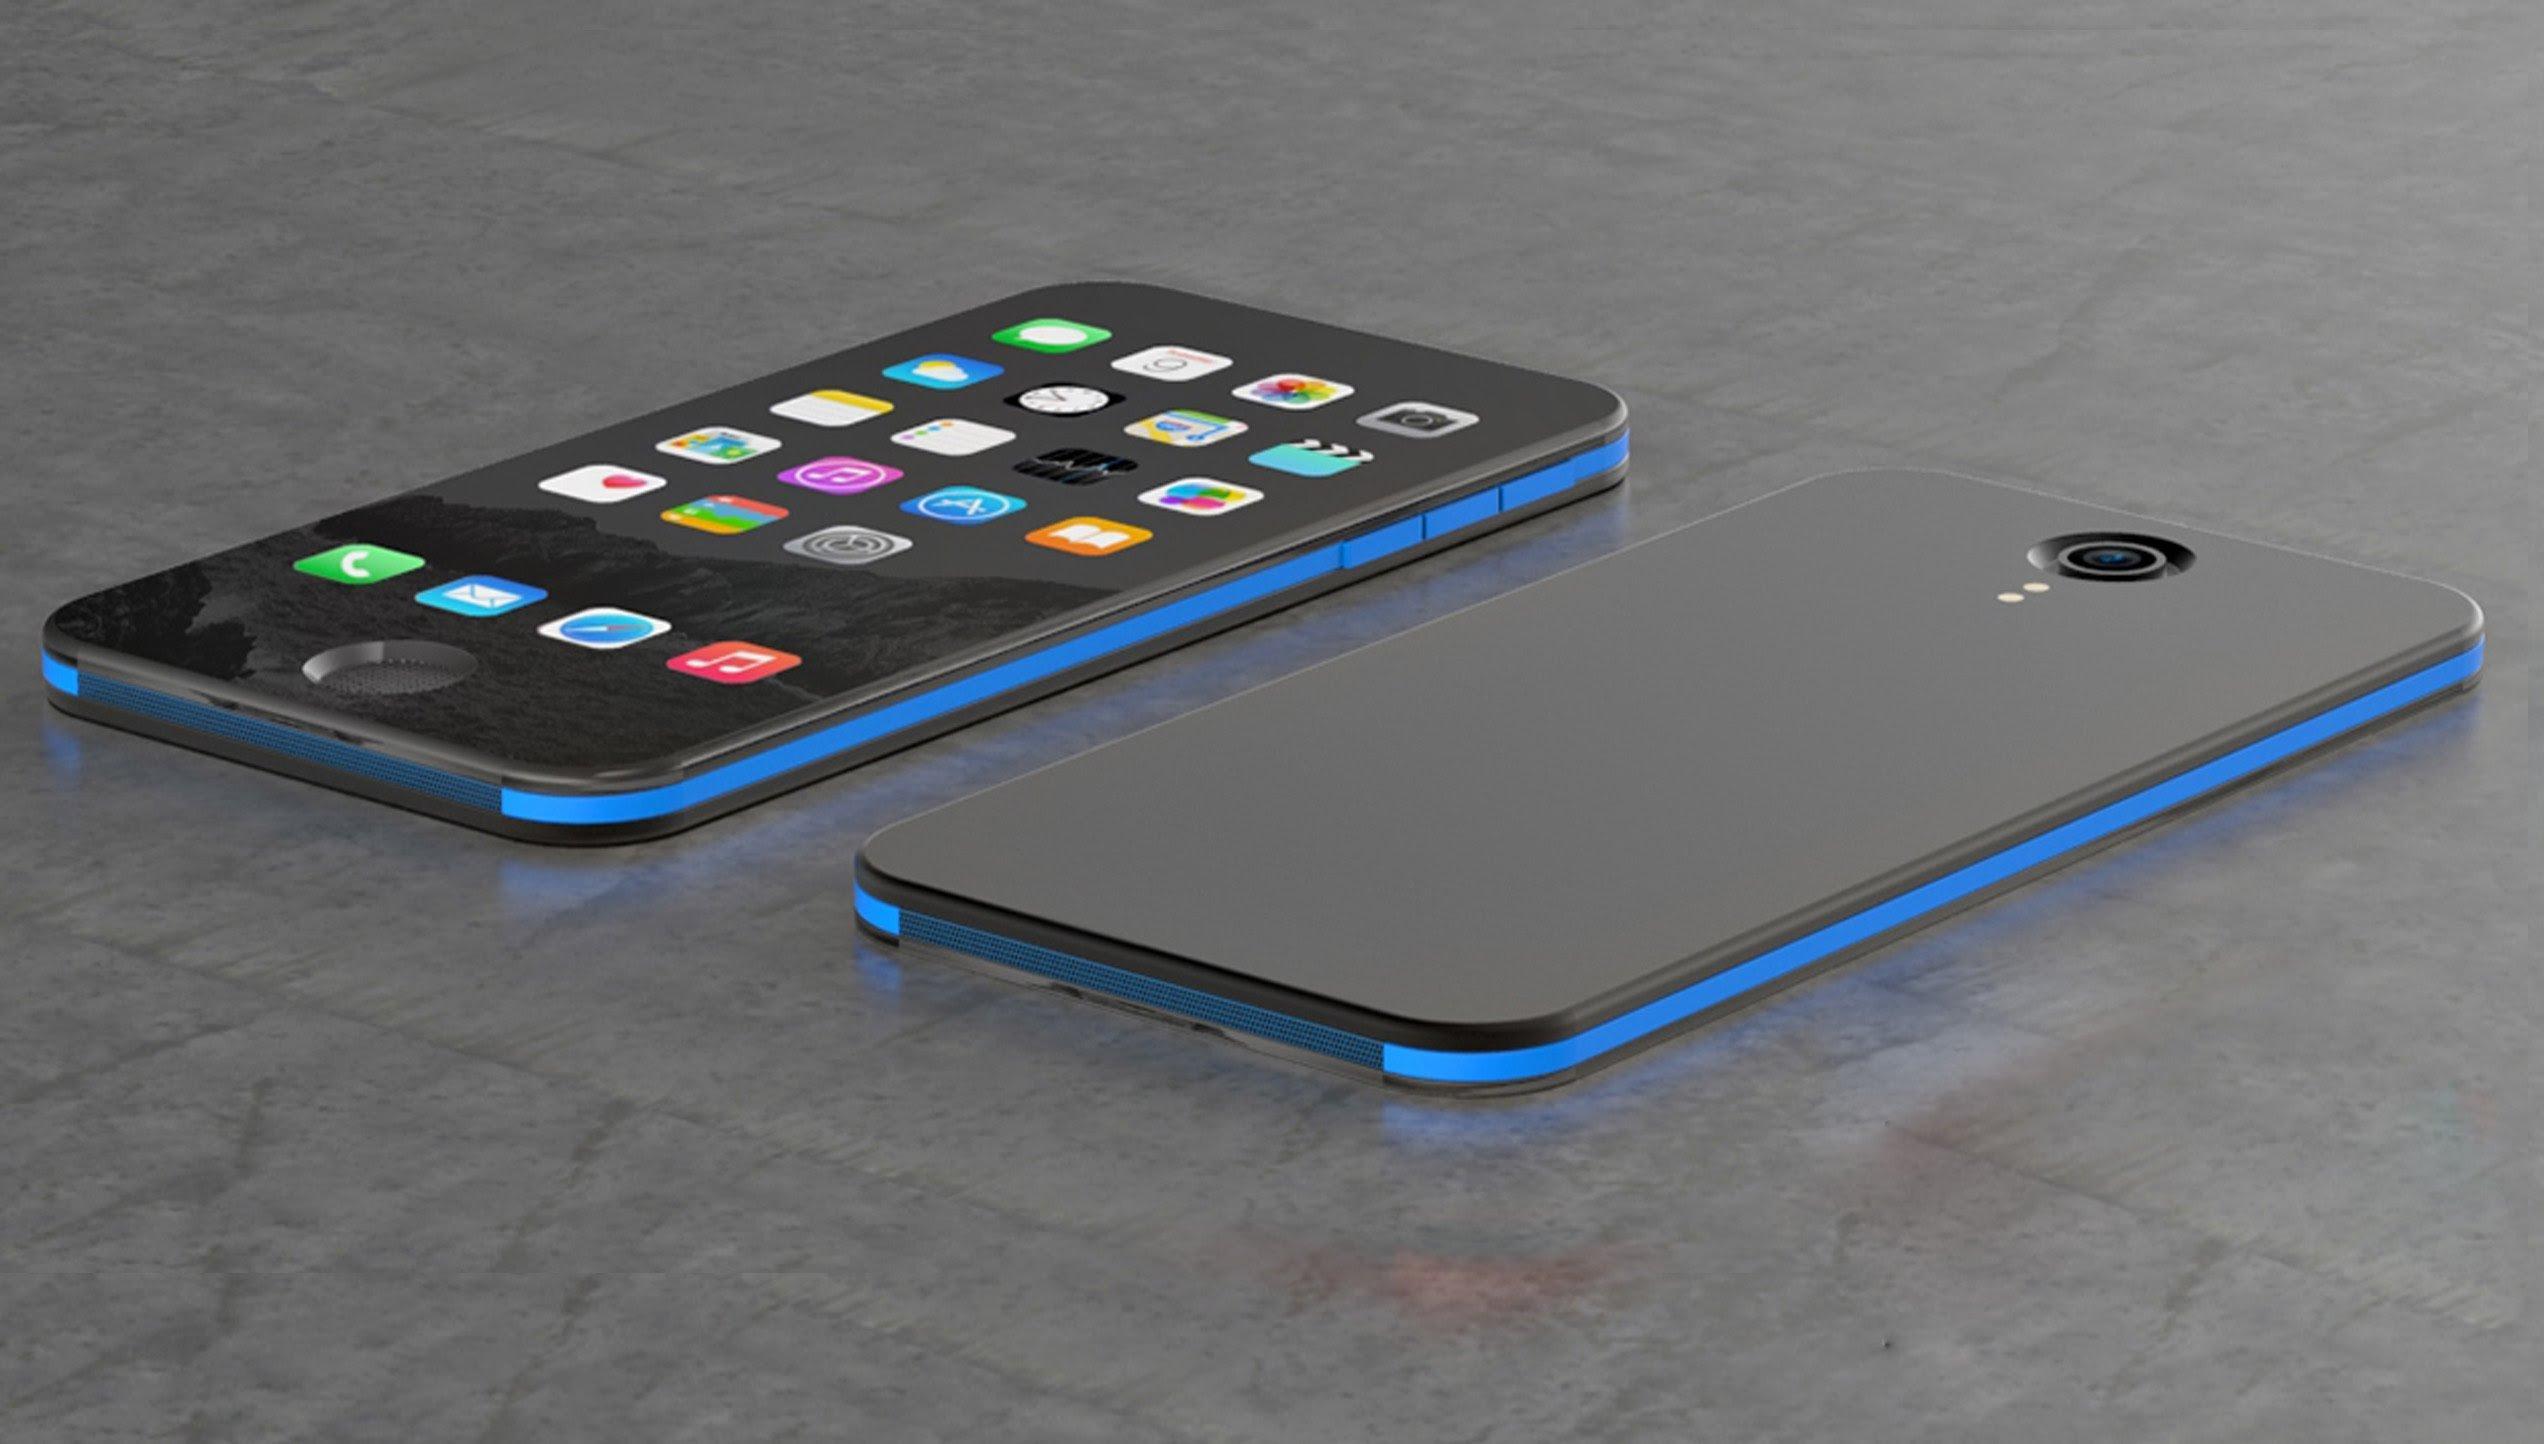 Сканер TouchID для iPhone будет вмонтирован прямо вдевайс